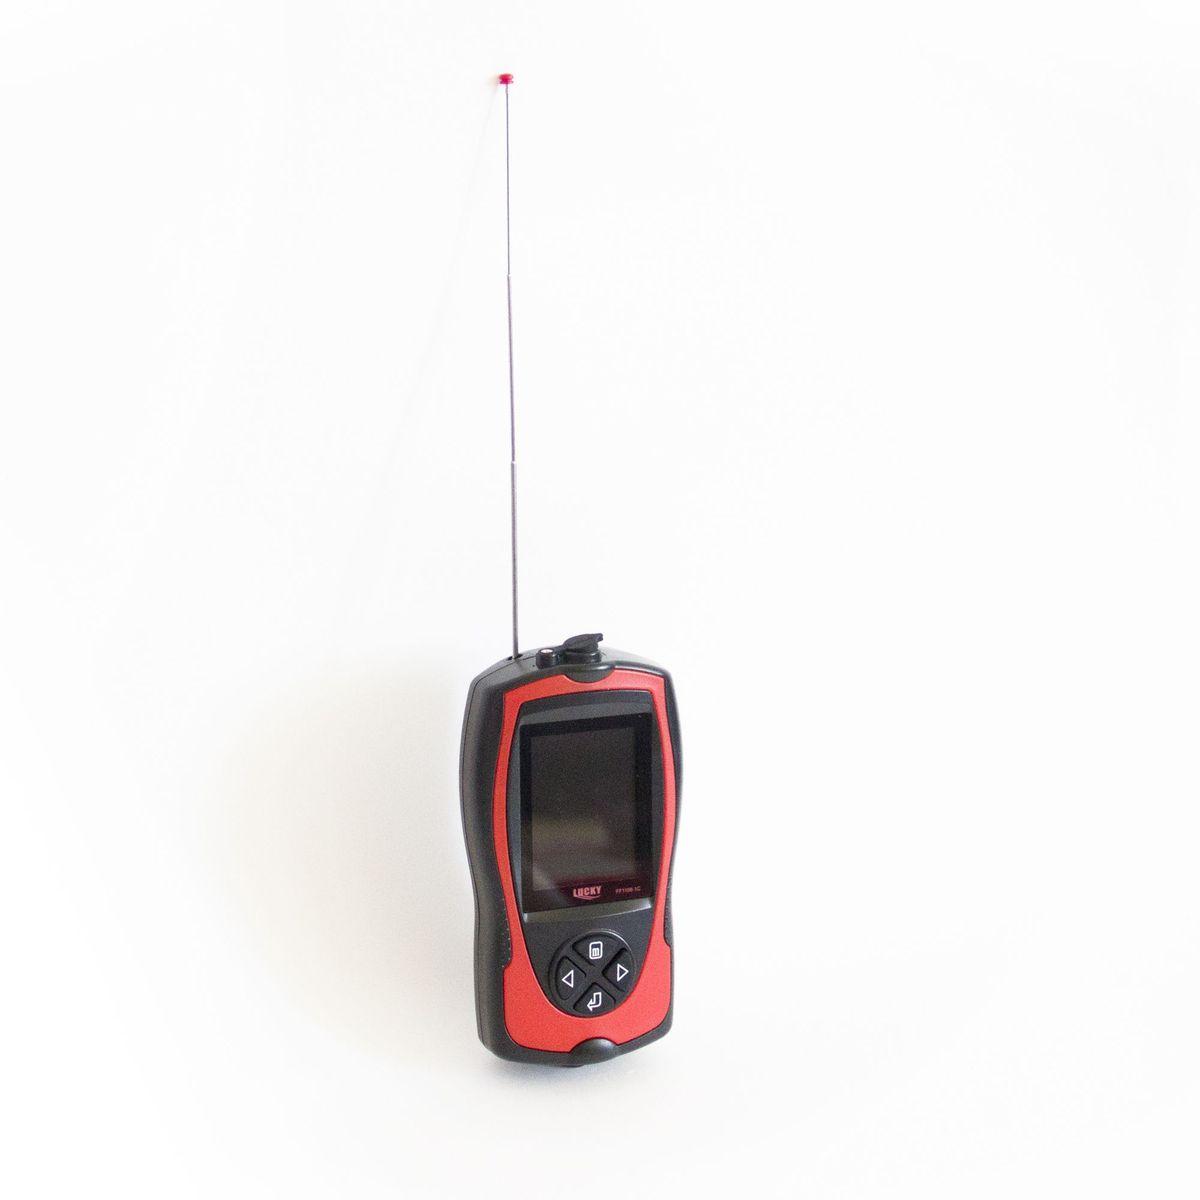 """Эхолот рыбопоисковый """"Lucky"""", с цветным дисплеем и радиодатчиком, цвет: черный. FFW1108-1С"""